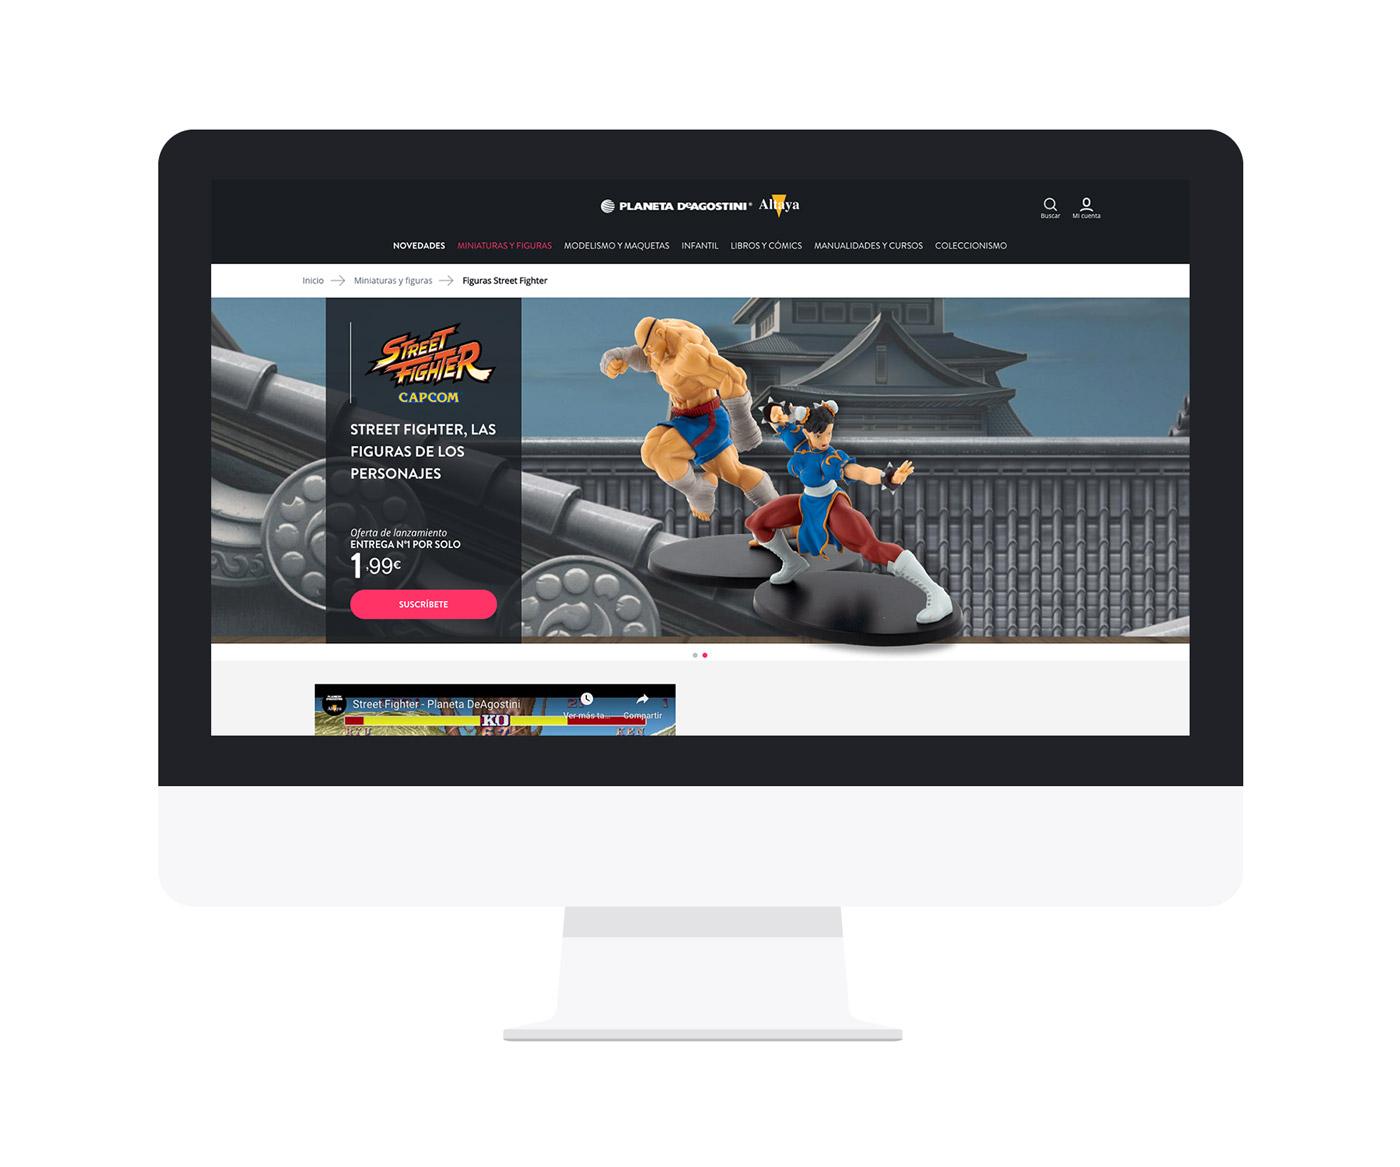 Screen del diseño de colección Street Fighter